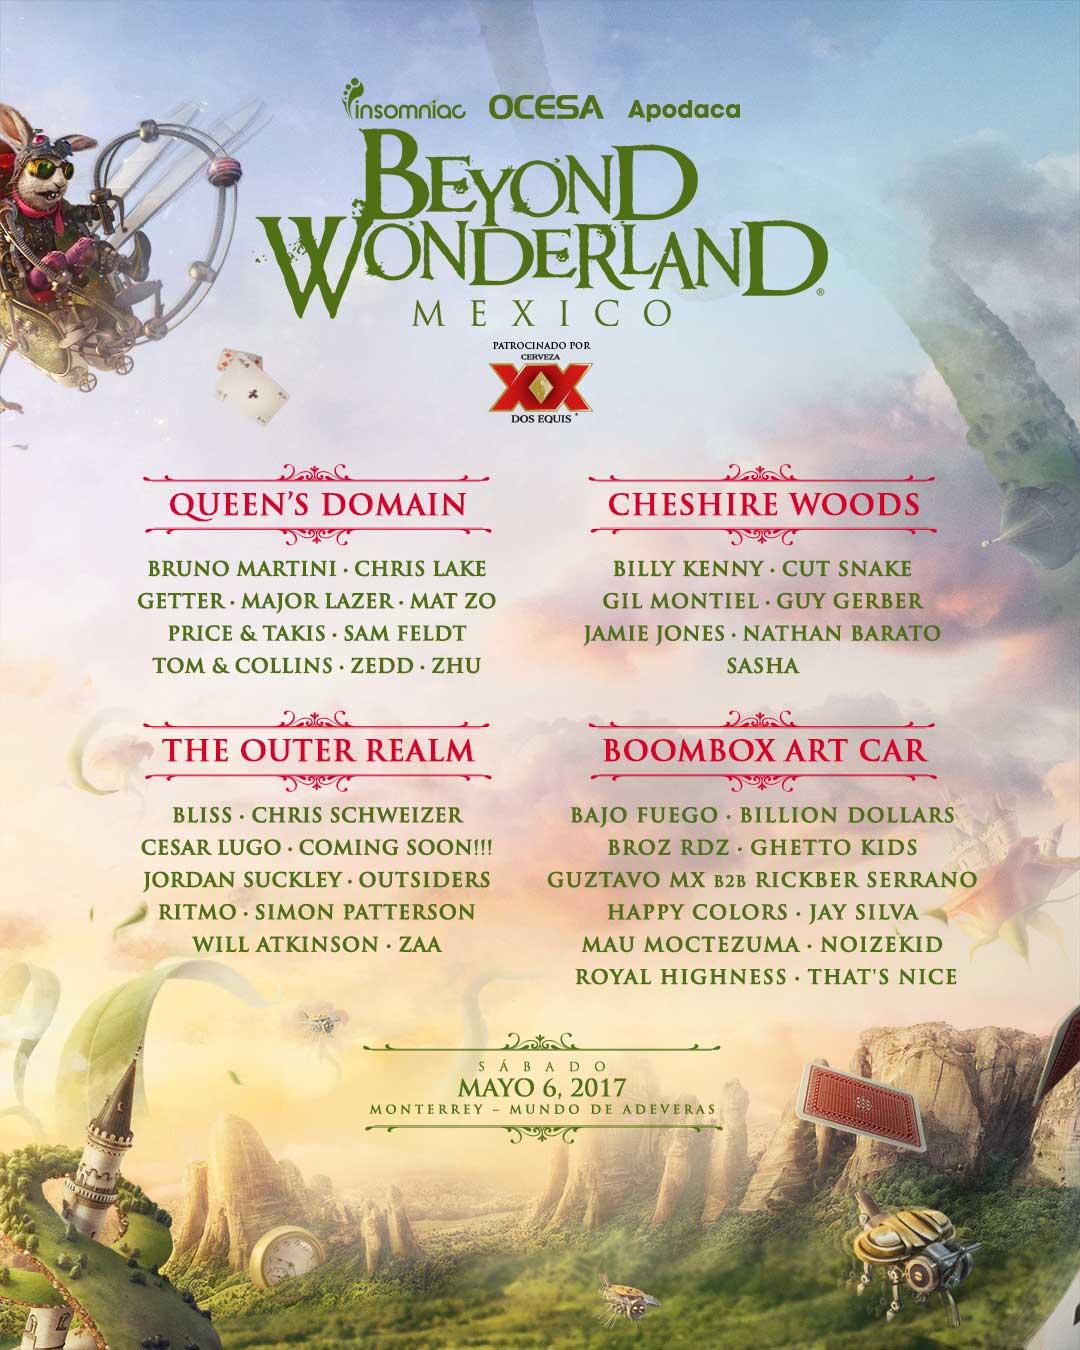 beyond_wonderland_mexico_2017_lu_lineup_asset_en_1080x1350_r03_WEBJO